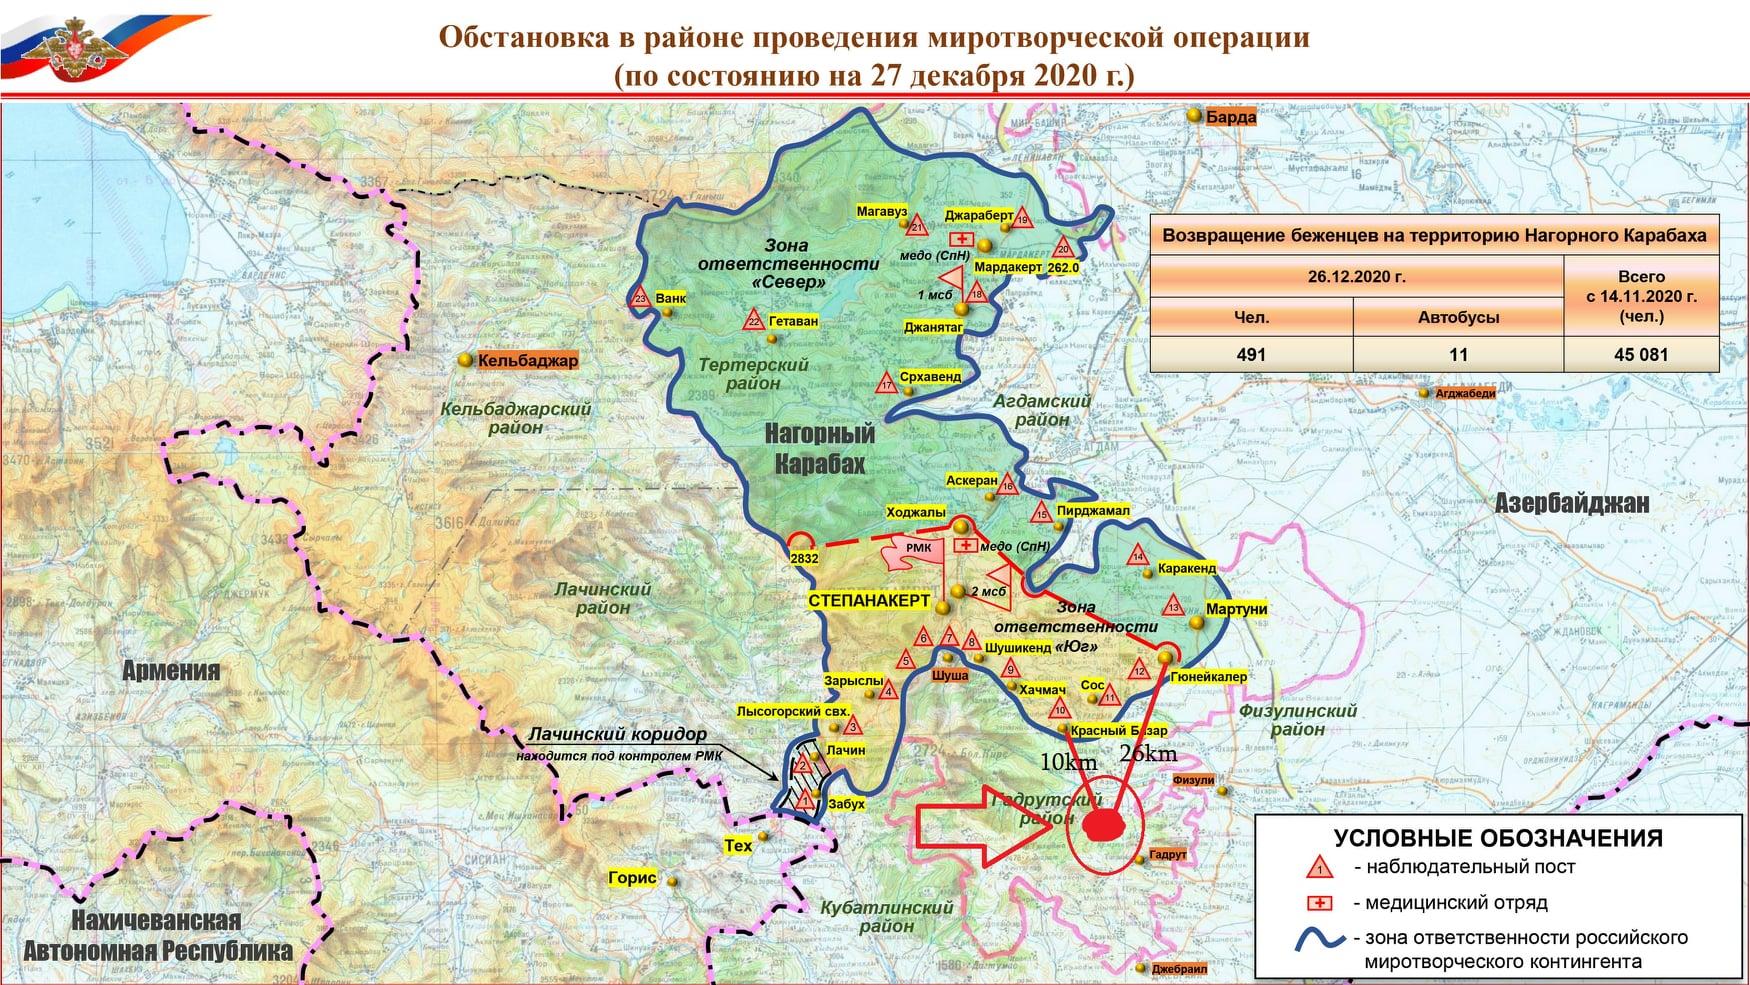 Եթե իրականում Տող գյուղում մարտեր են հայ և ադրբեջանցի զինվորականների միջև, ապա մենք գործ ունենք նոր իրողության հետ